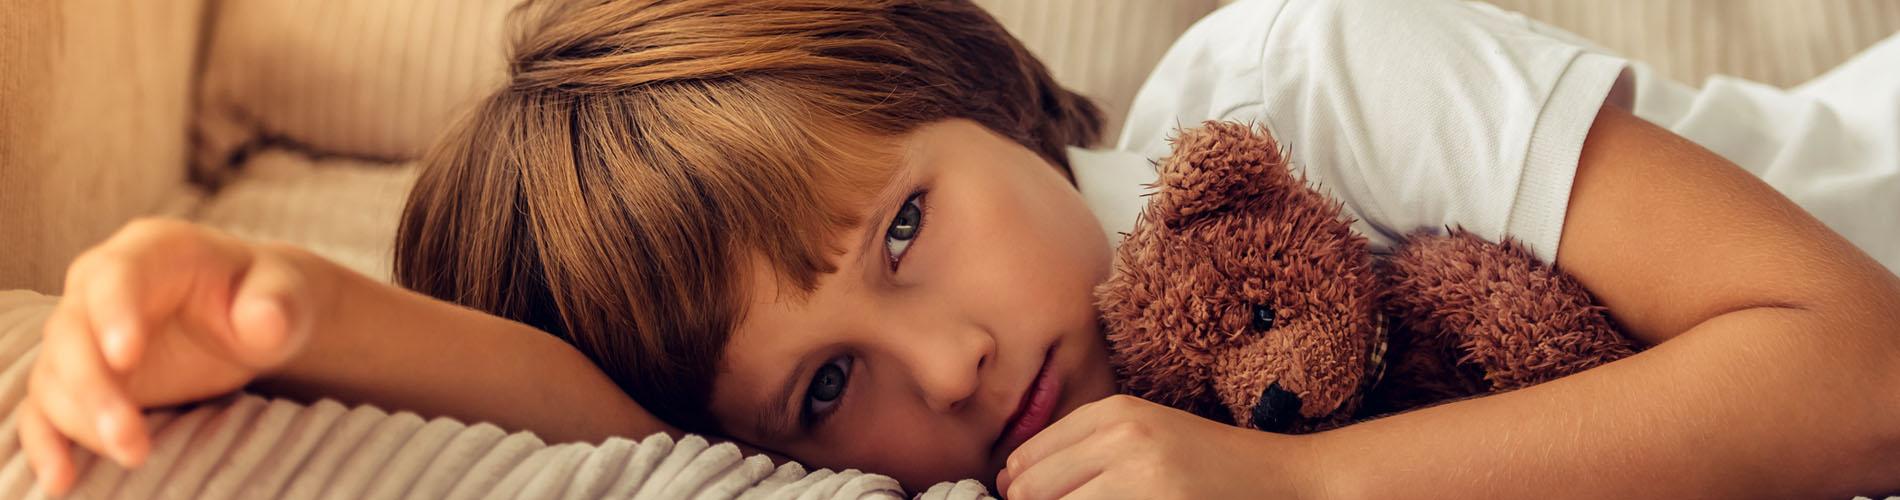 niño mirando, con un juguete en la mano